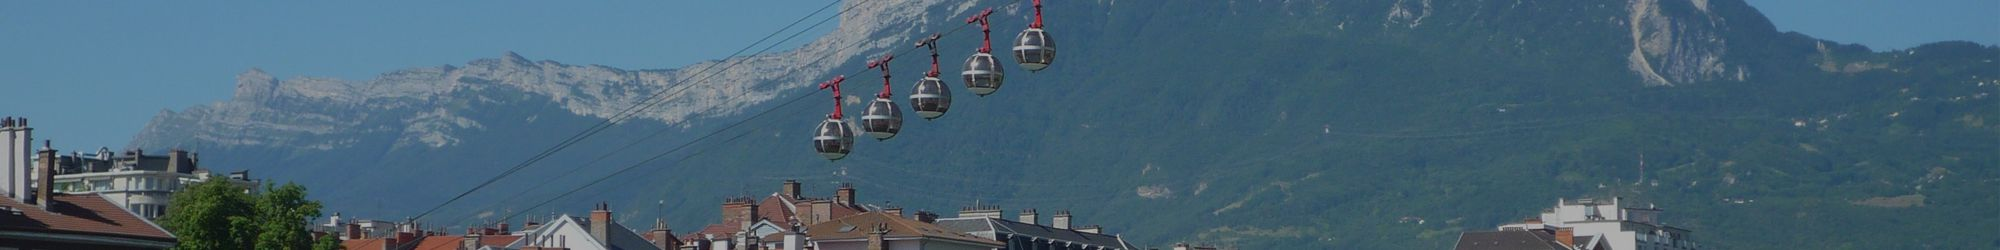 Téléphérique de Grenoble